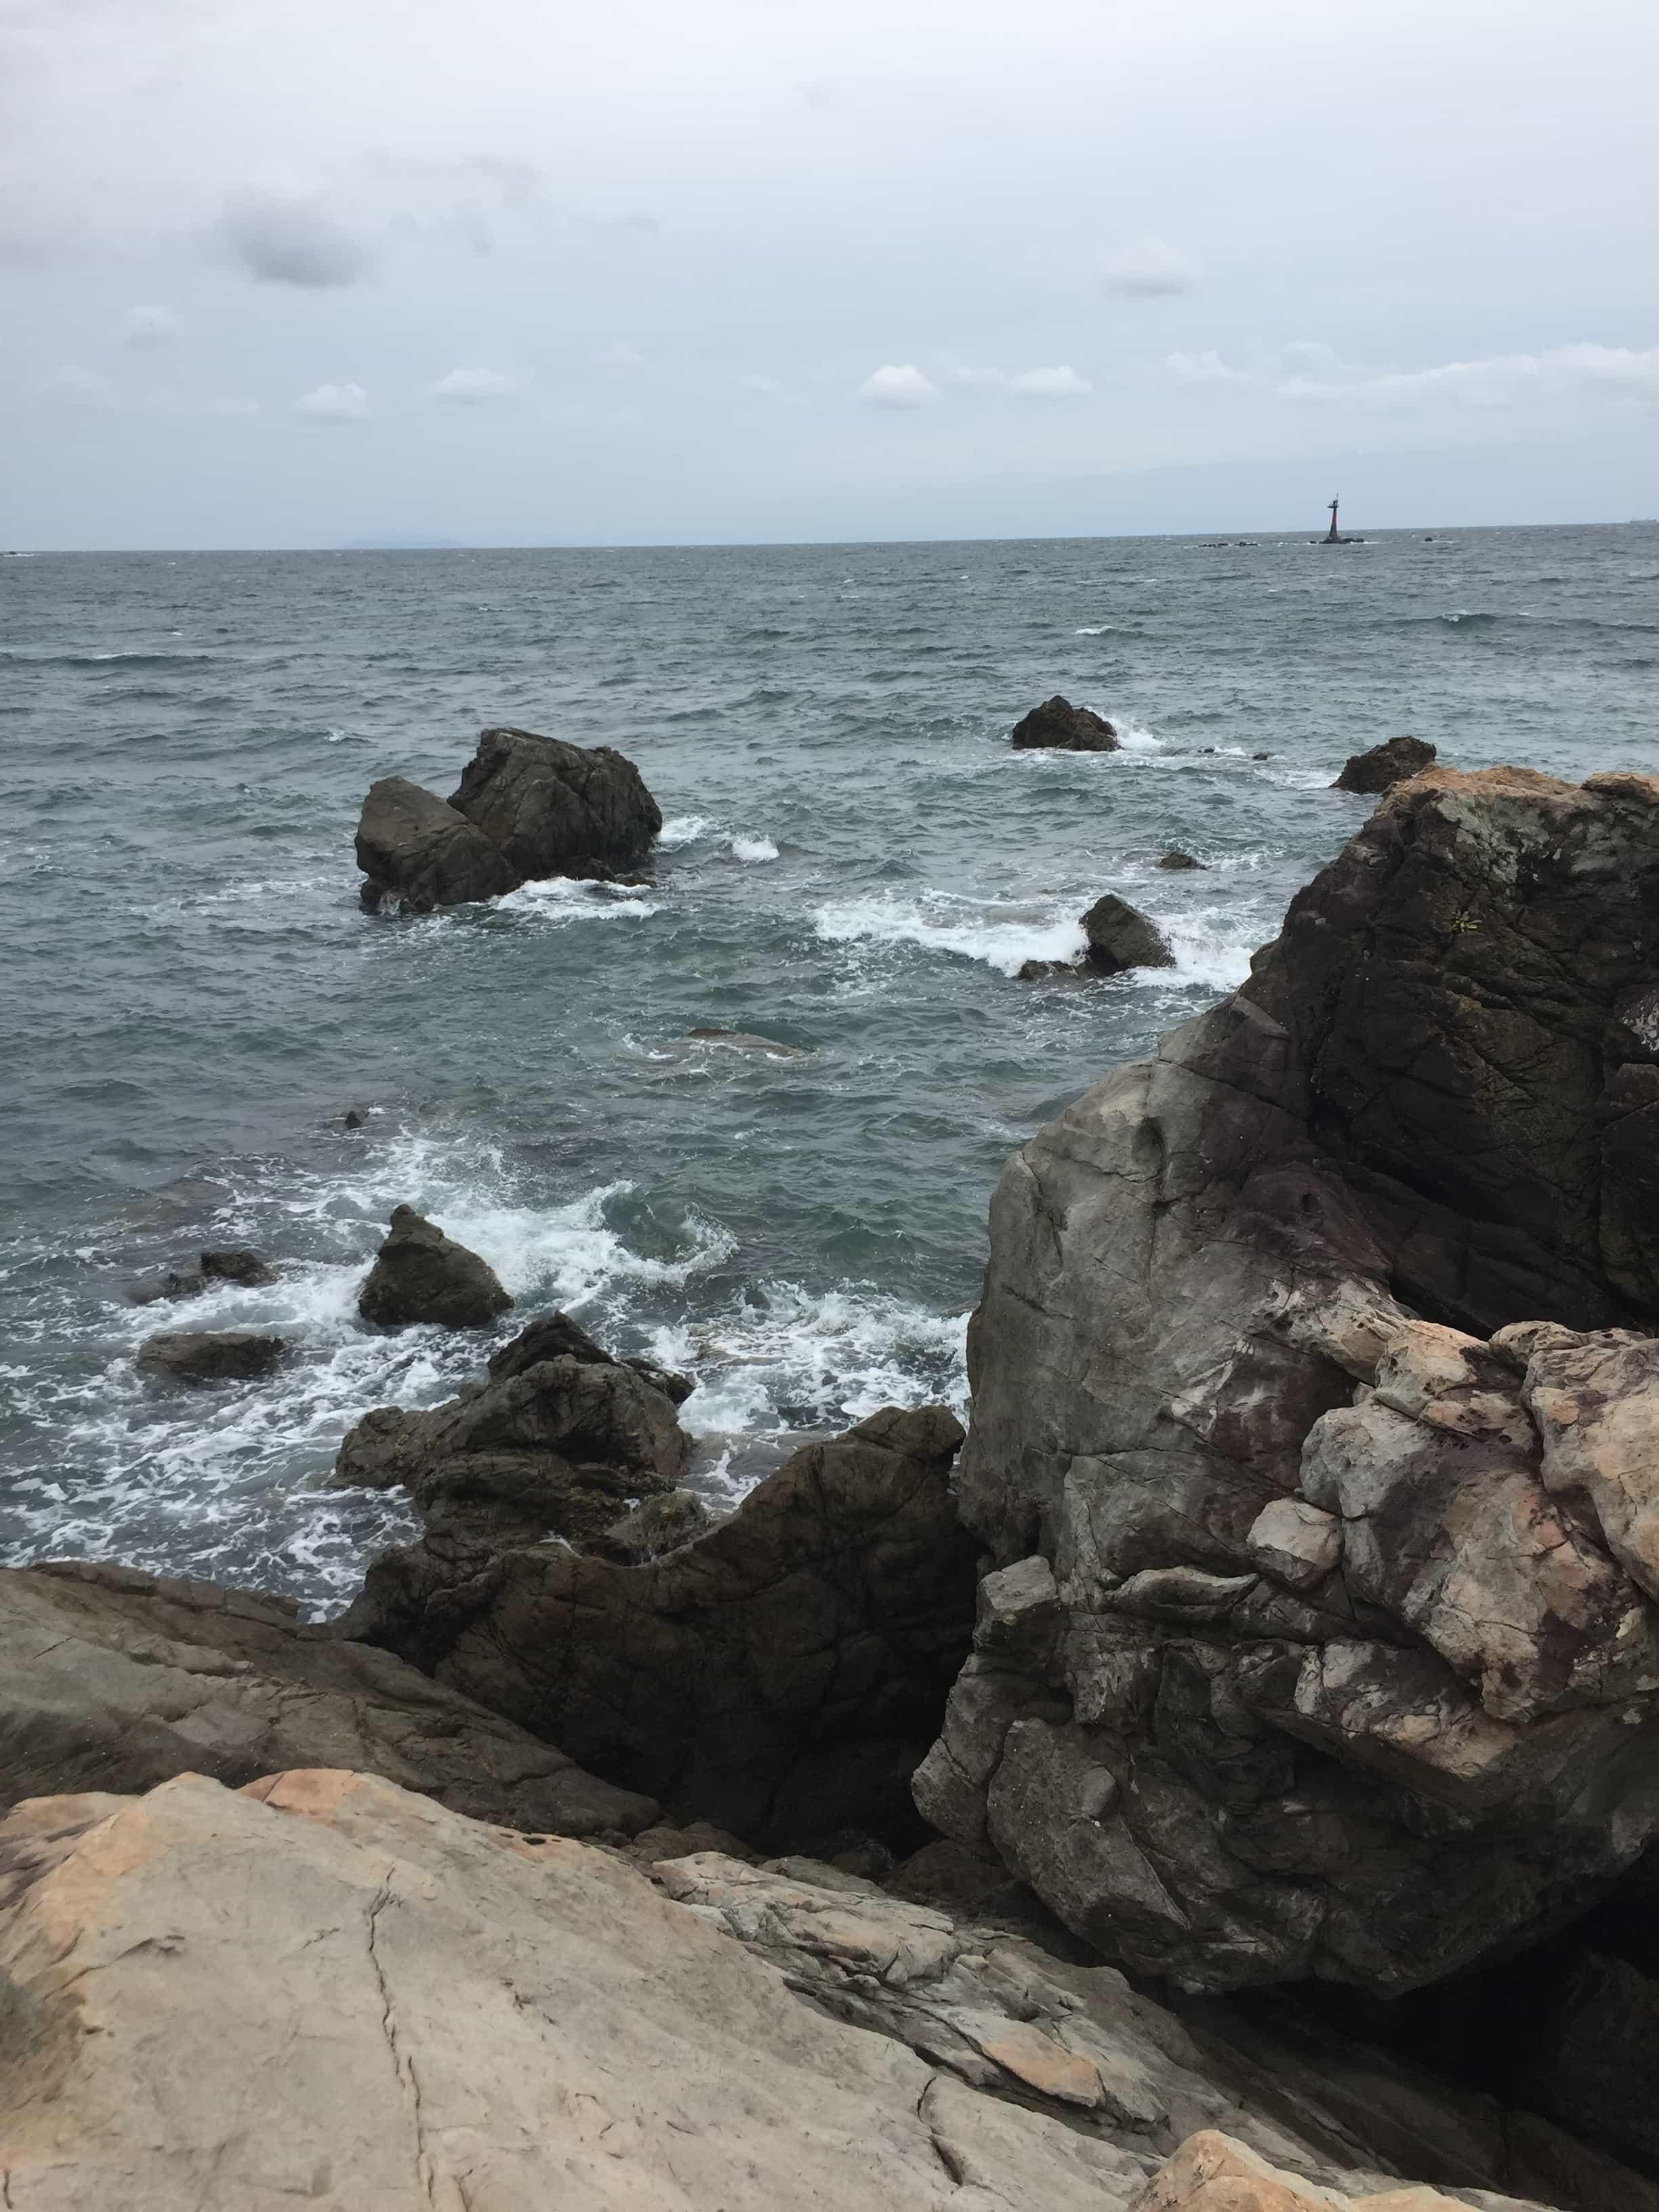 産湯崎の釣り場紹介、和歌山県中紀の濁り水潮と北風に強いエギング地磯